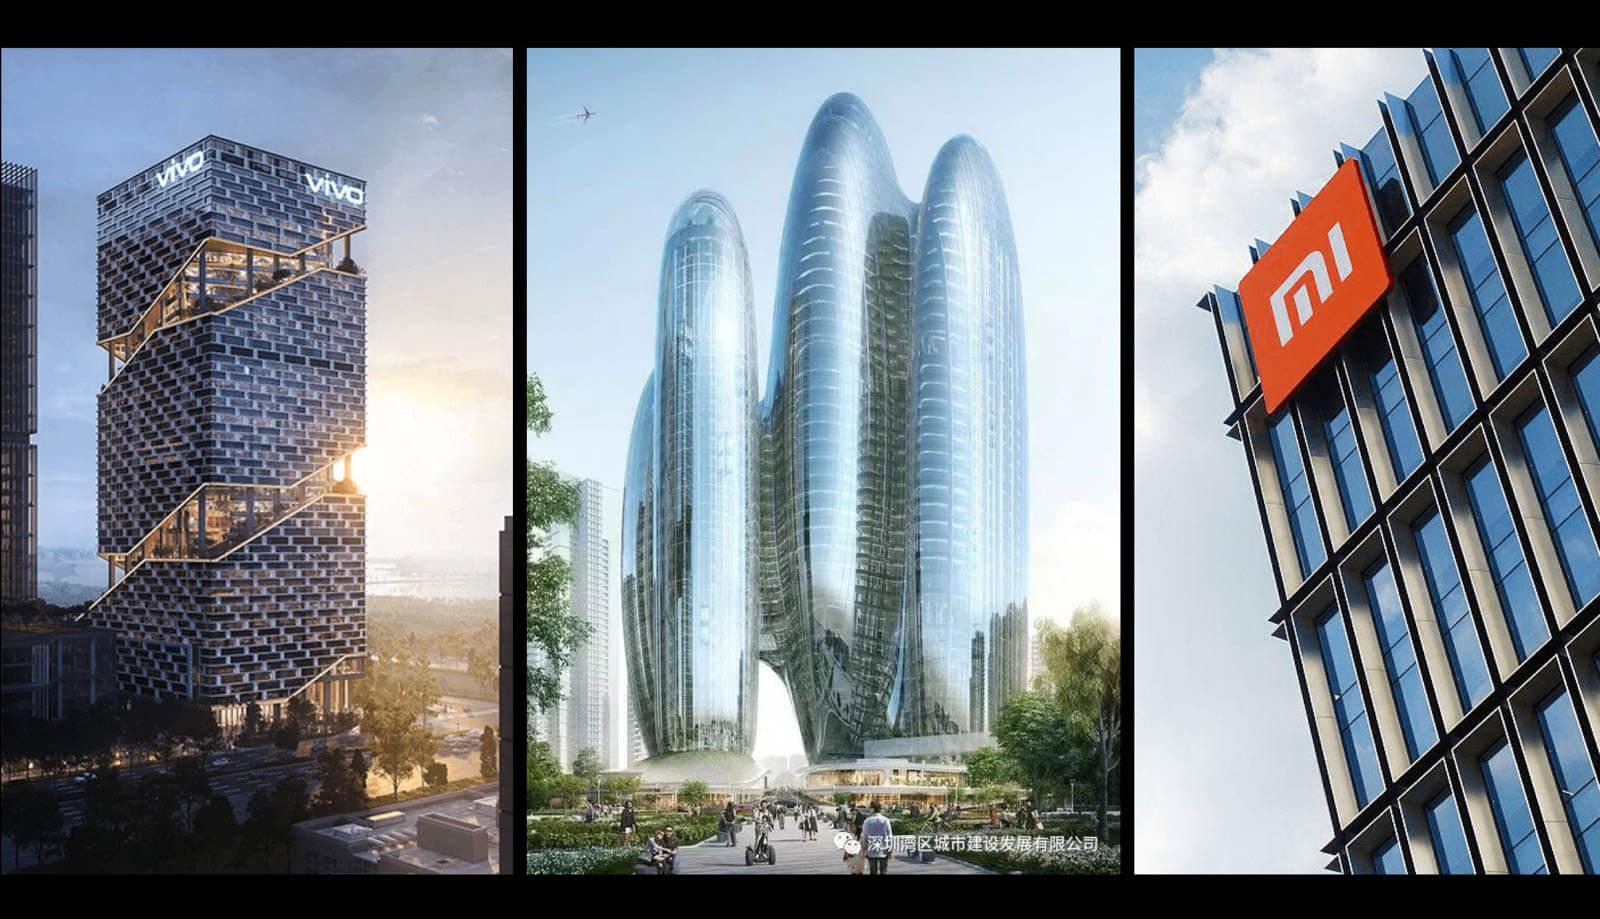 シャオミ国際本部・VIVO本社・OPPO本社が深センに建設計画進行中:総投資額2,800億円超!